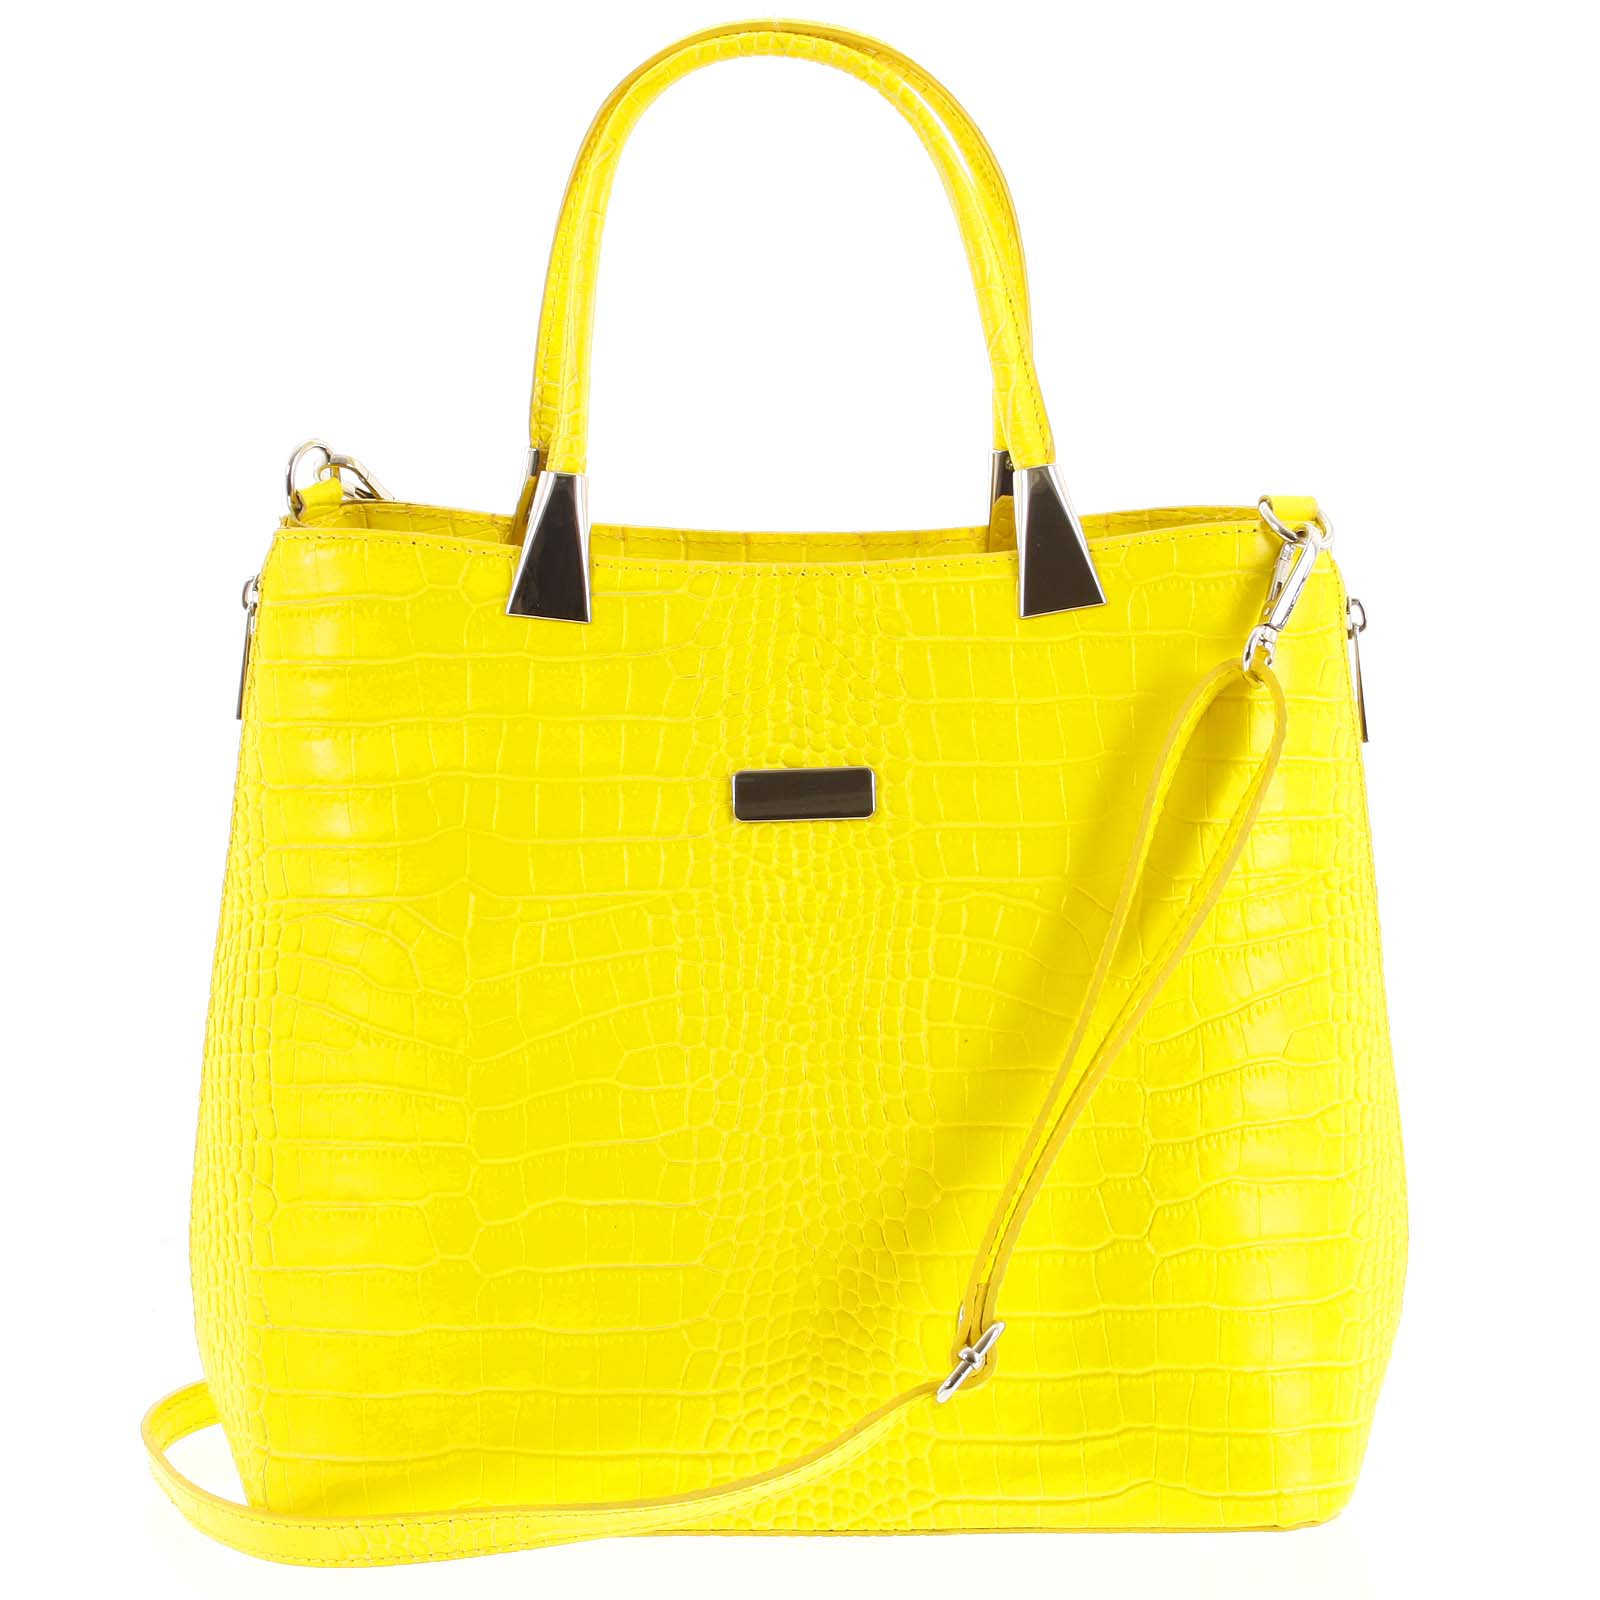 Luxusní dámská kožená kabelka žlutá - ItalY Marion žlutá